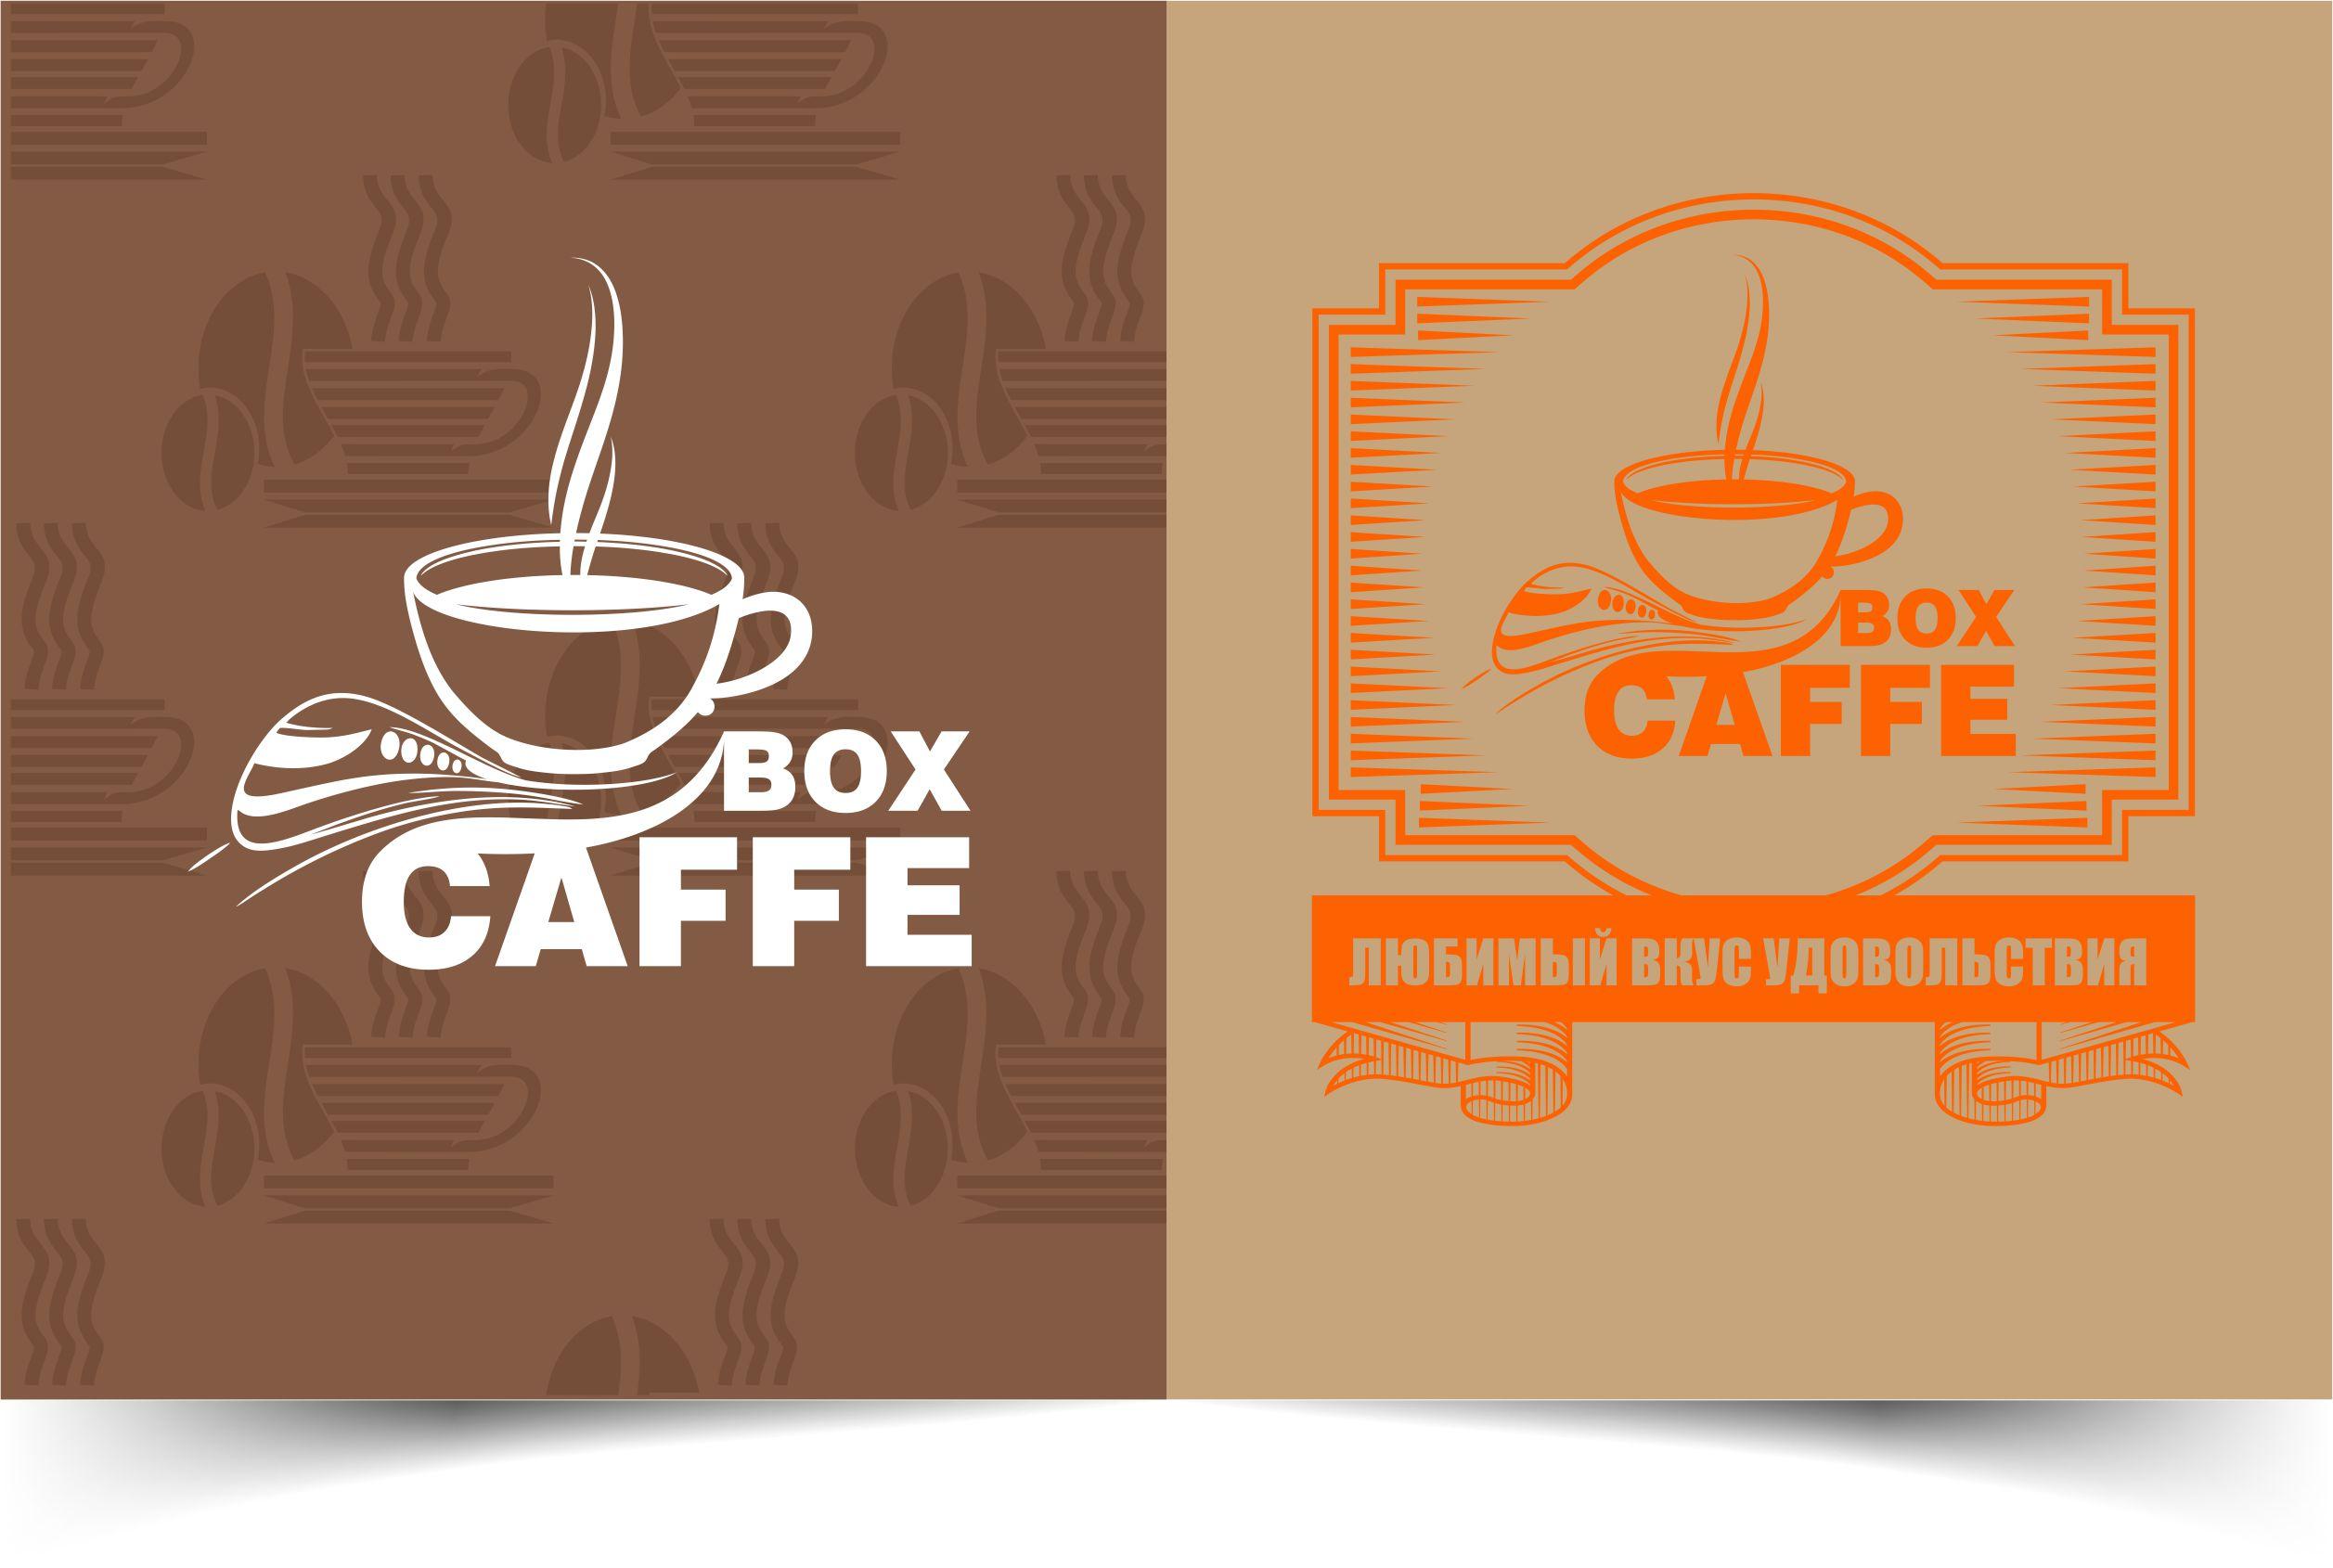 Требуется очень срочно разработать логотип кофейни! фото f_4475a0aeb987a1cb.jpg